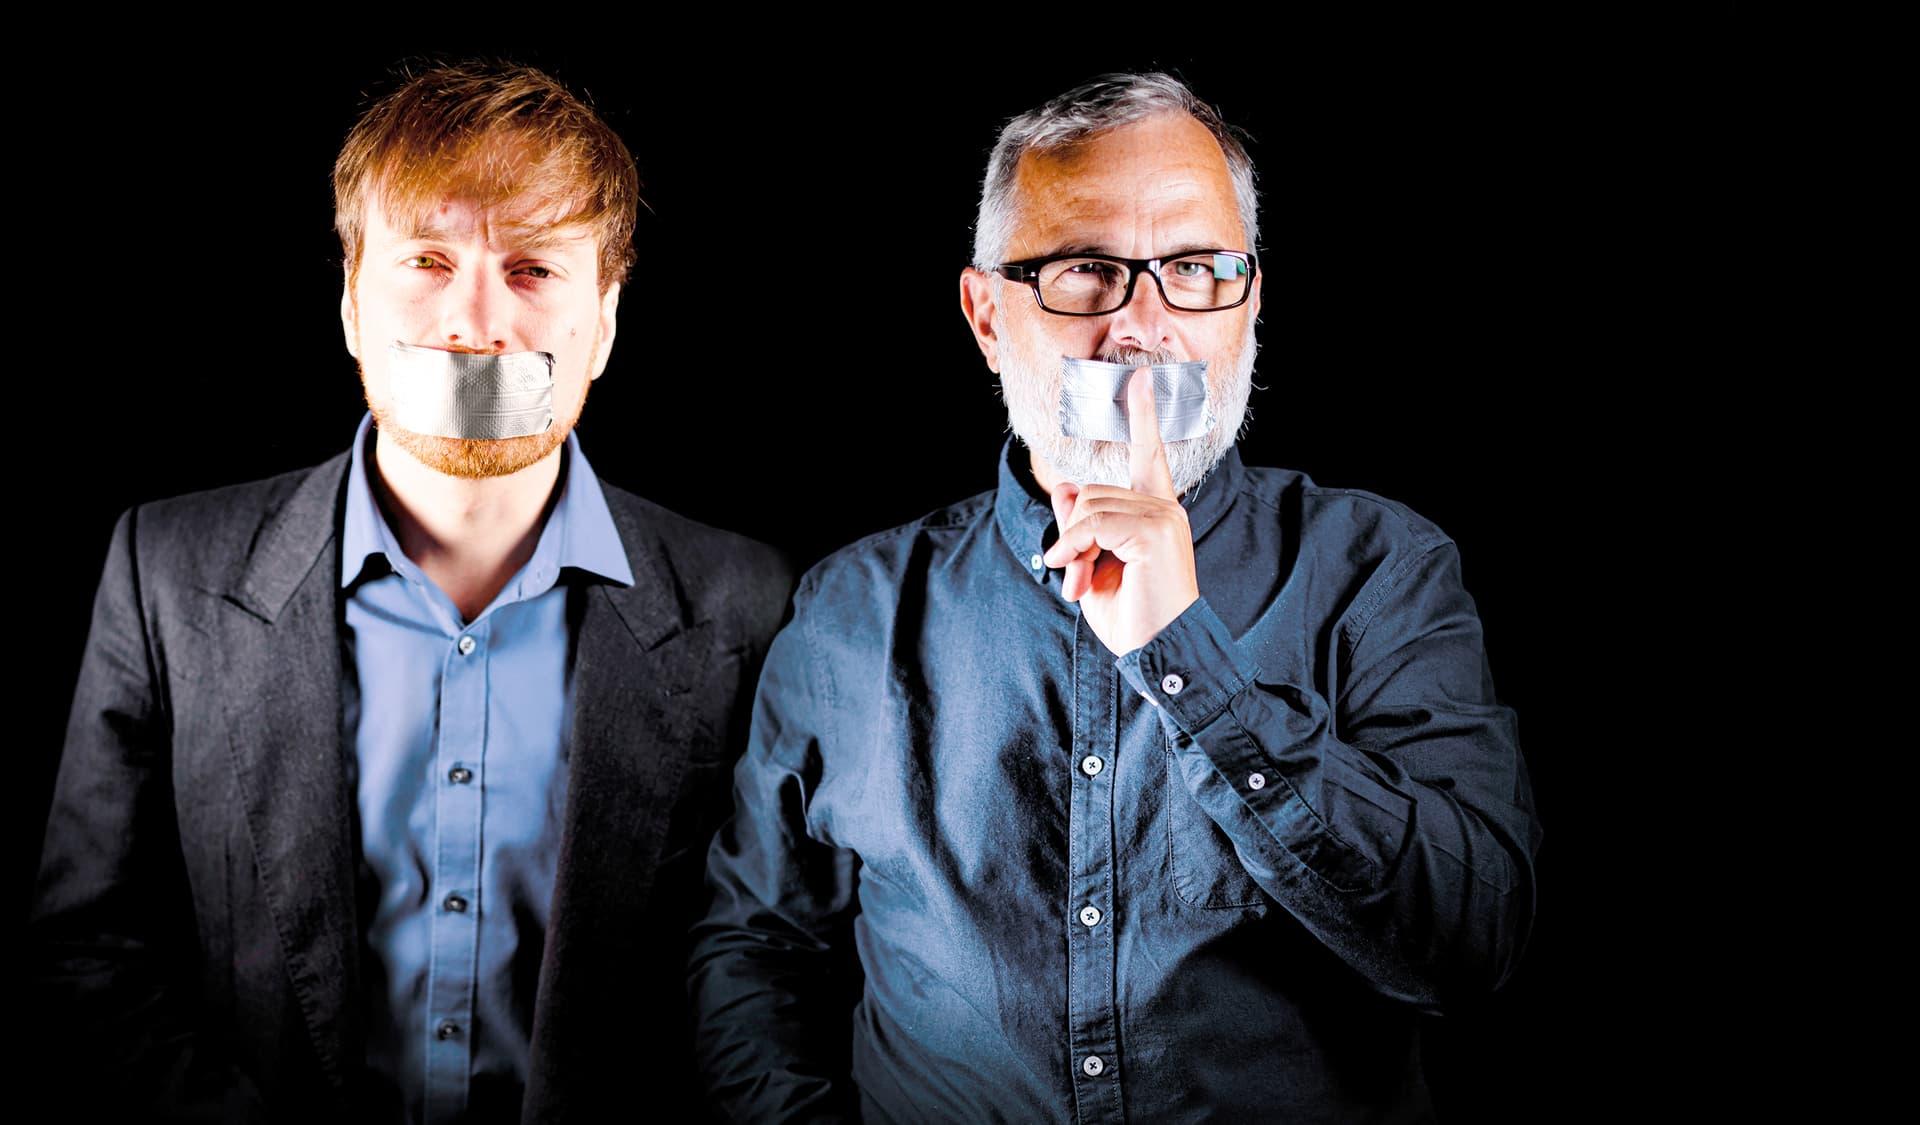 Agrarexperte Karl Bär und Filmemacher  Alexander Schiebel.